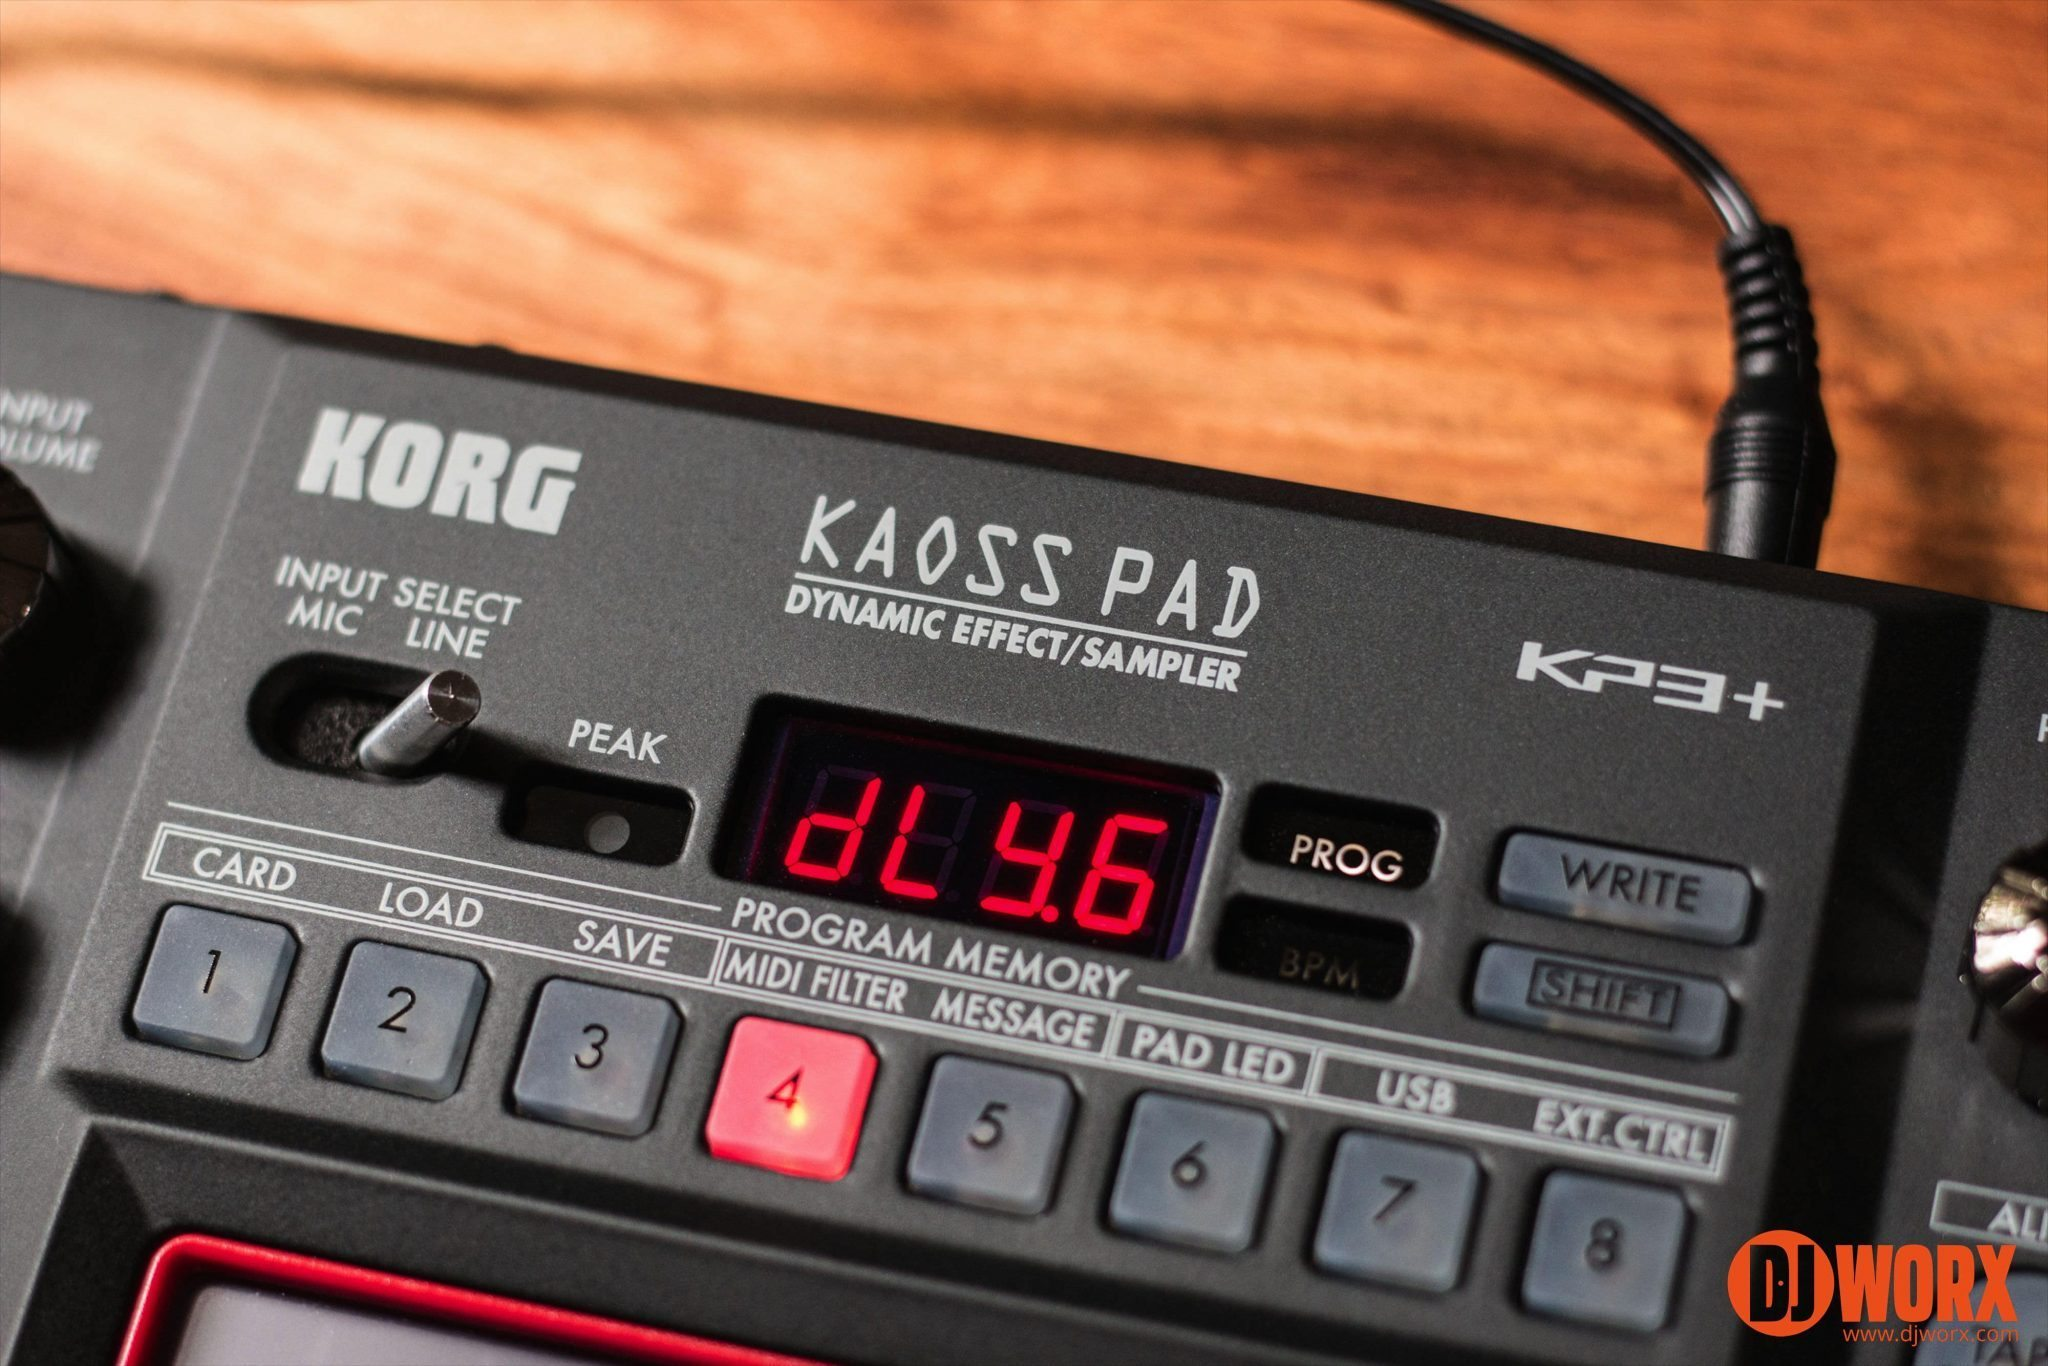 Review Korg Kaoss Pad Kp3 Effects Controller Djworx